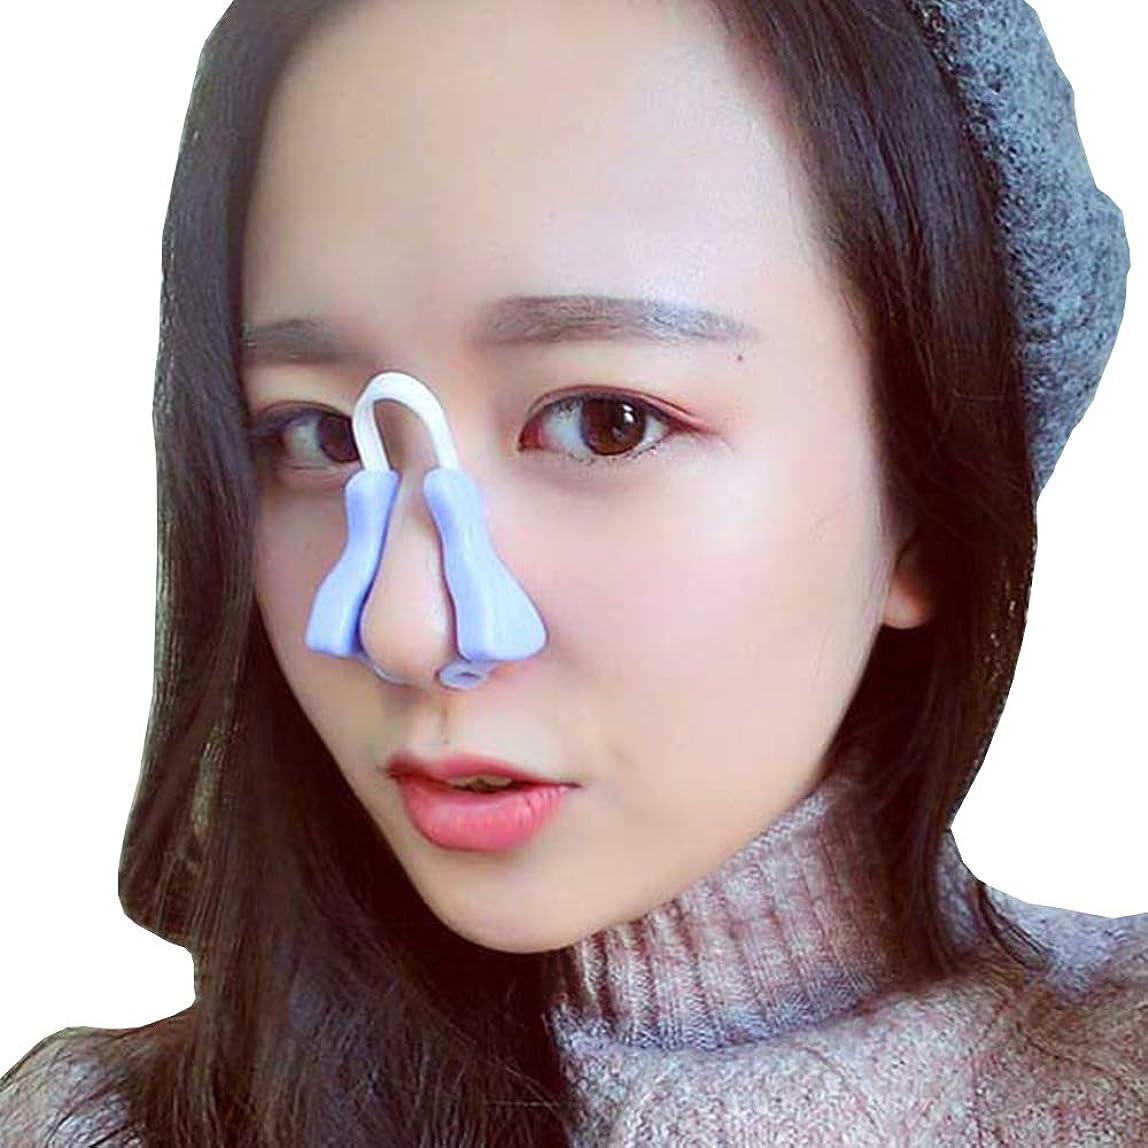 自動起きろ伝染病YOE(ヨイ) ノーズアップ 鼻プチ 鼻筋ビューティー ノーズクリップ 美鼻でナイト プチ整形 鼻 矯正 ノーズピン (フリーサイズ, パープル)